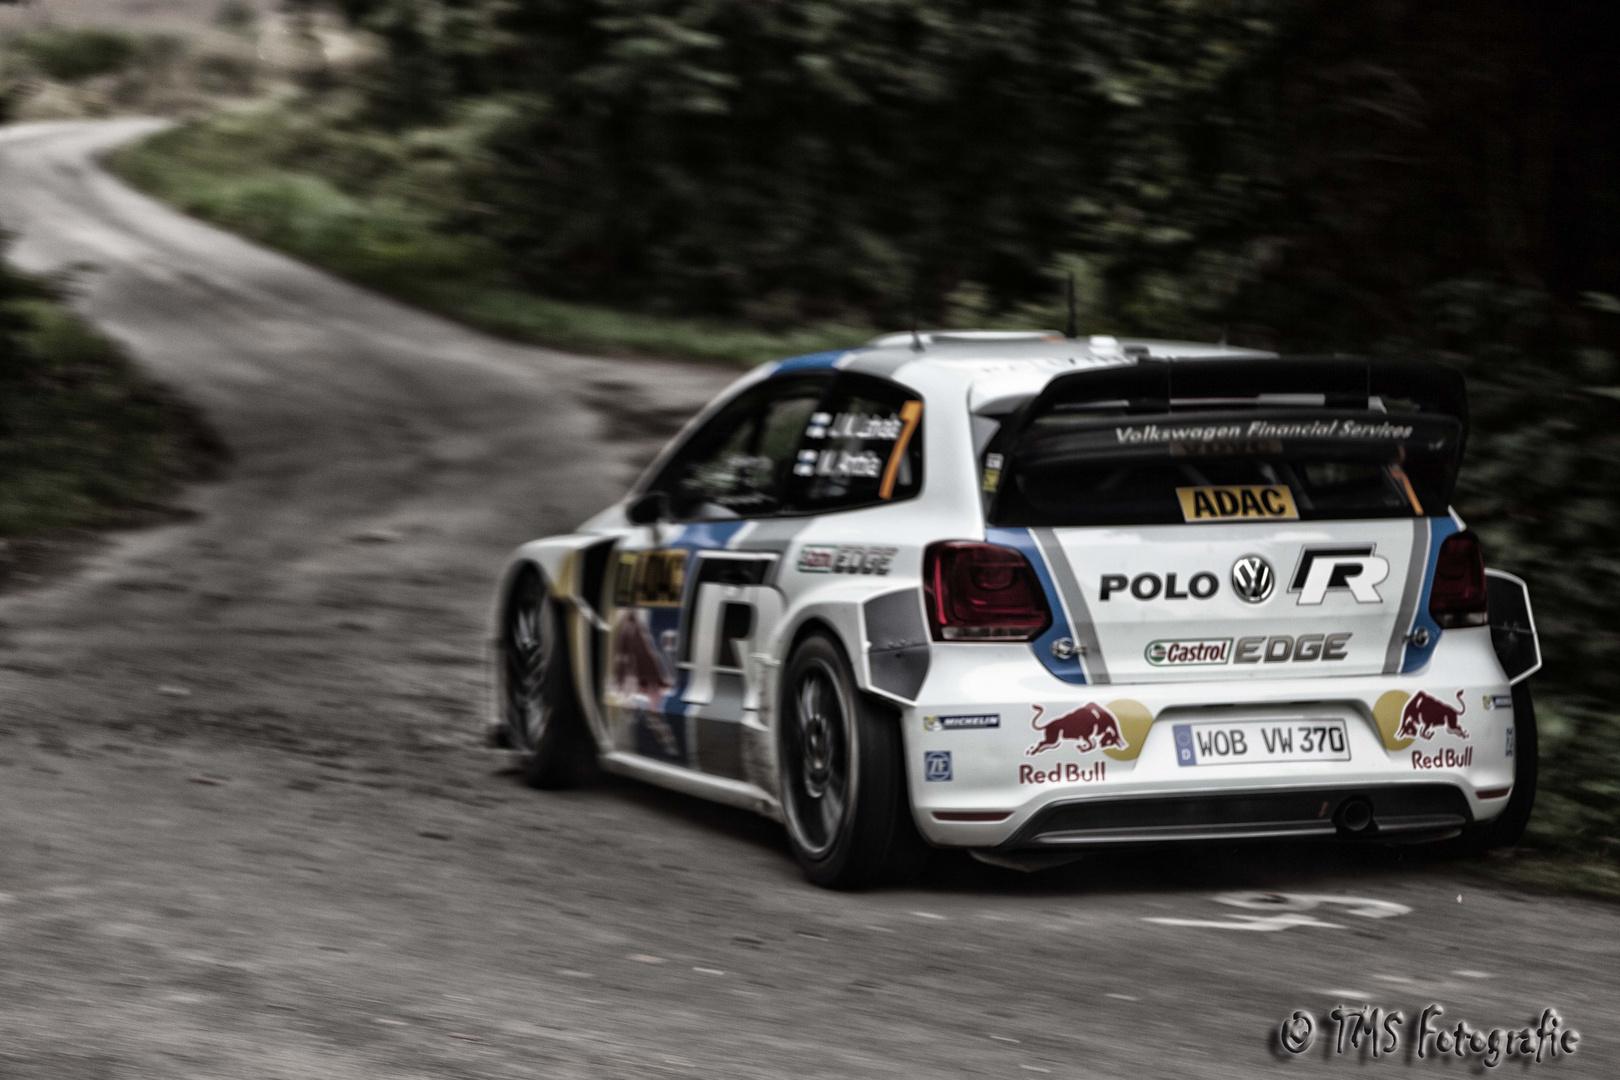 WRC Polo